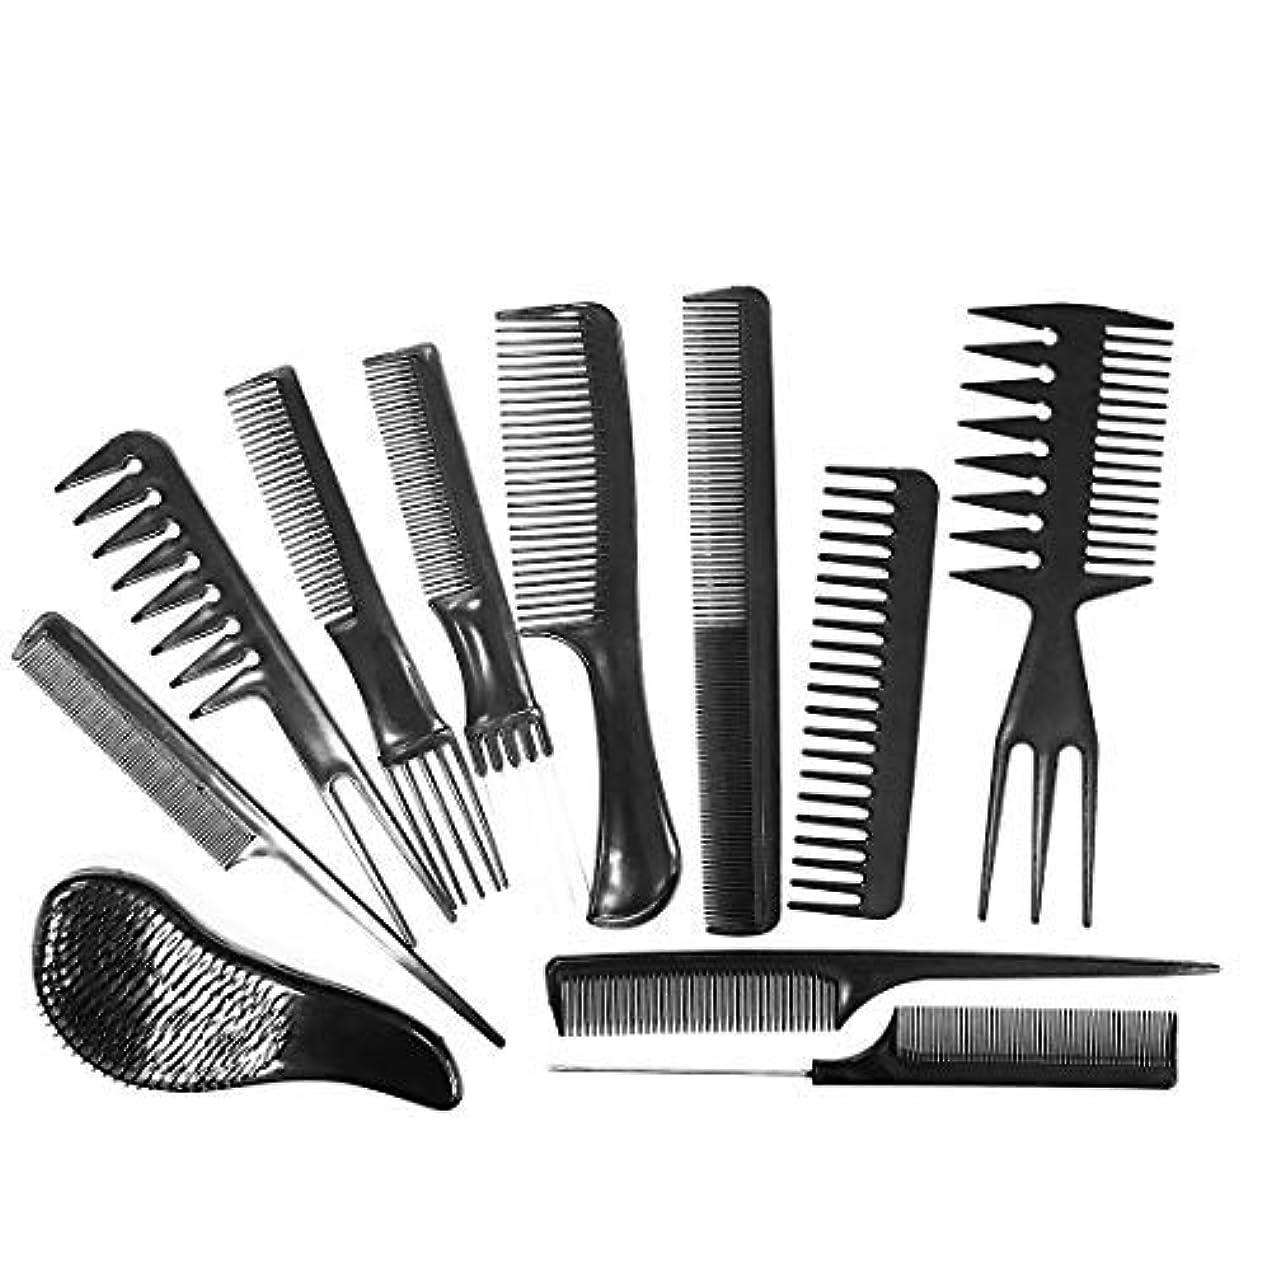 植物の海洋のパンチDaimay Professional Hair Styling Comb Set Hair Styling Clips Salon Hair Styling Barbers Comb Set Variety Pack...